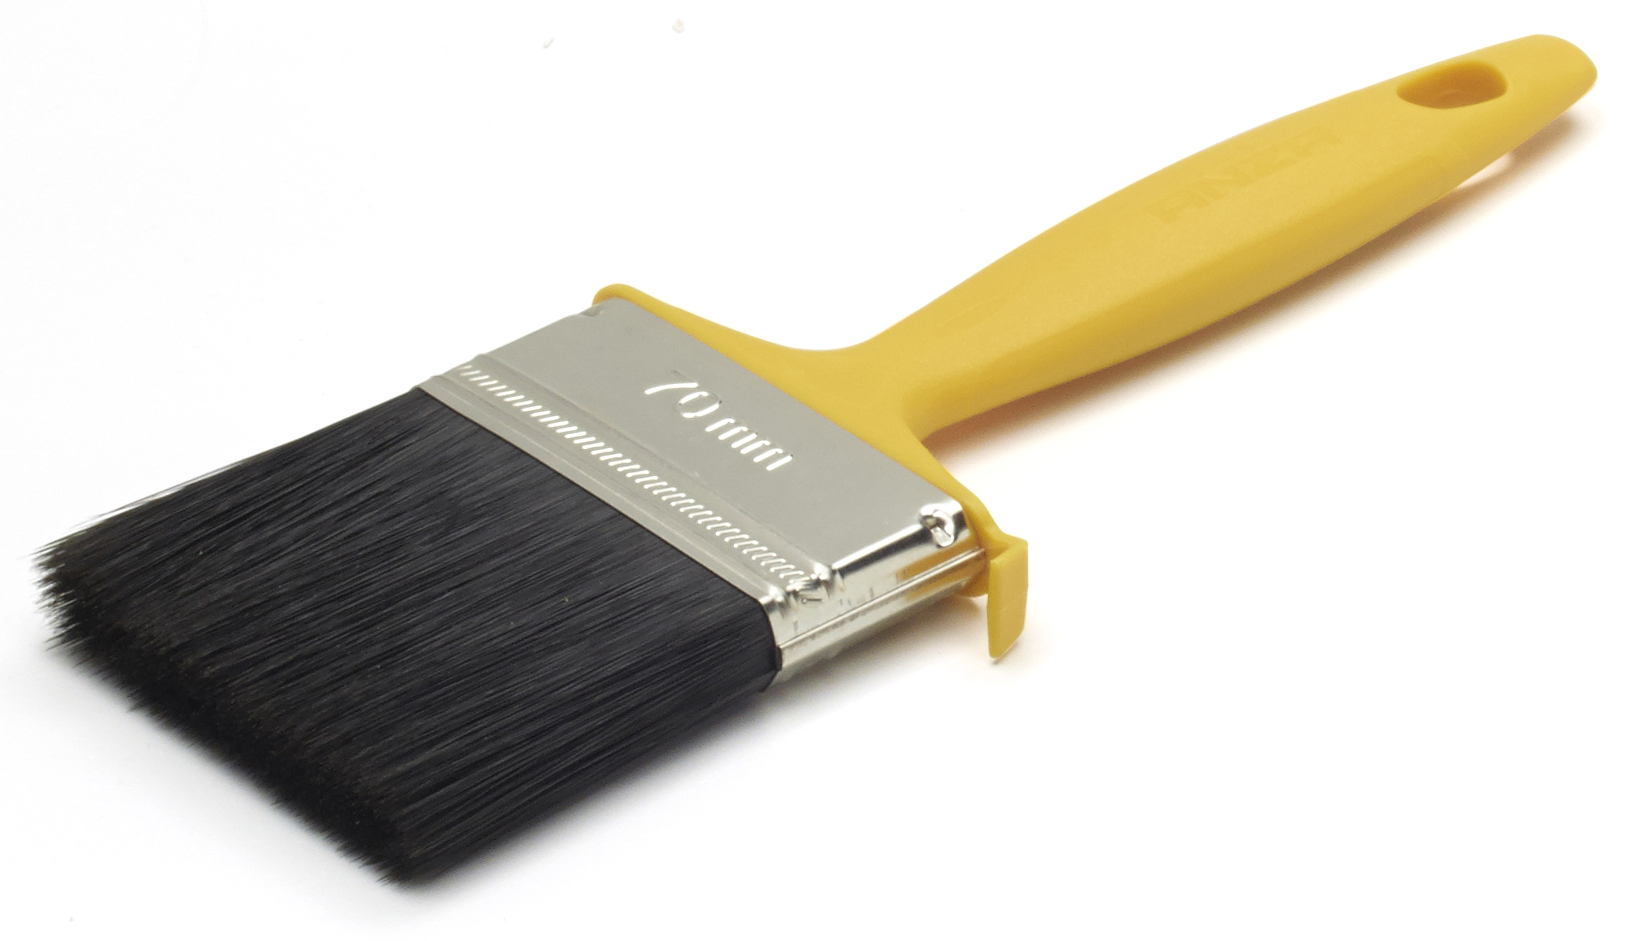 Кисть Anza 147570 кисть плоская 70 мм искусственная щетина прорезиненная ручка anza профи